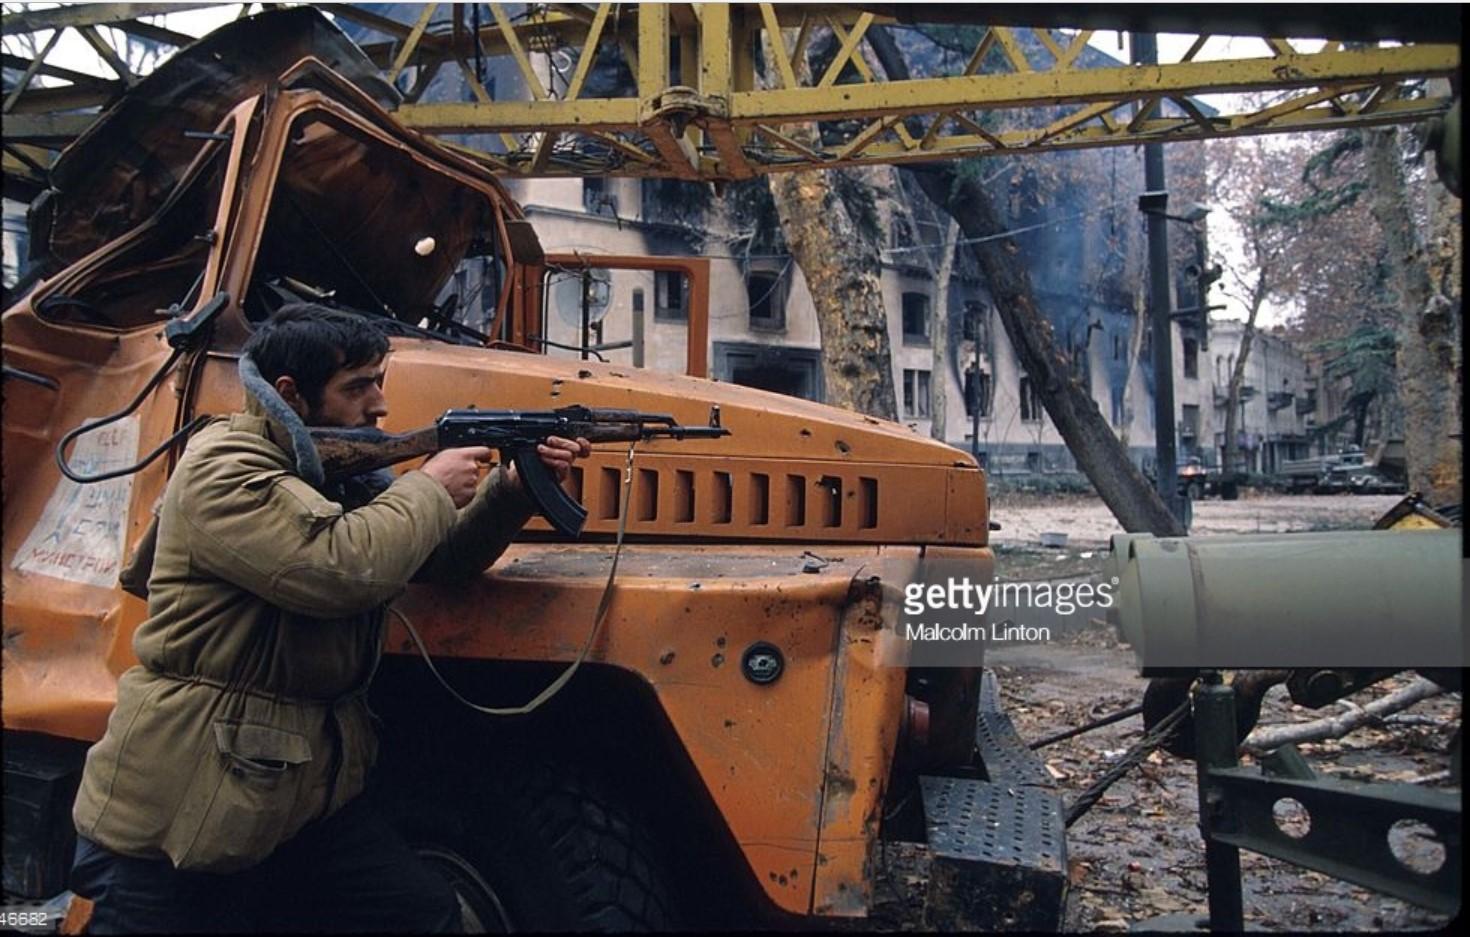 1991. 31 декабря. Тбилиси. Солдат со штурмовой винтовкой